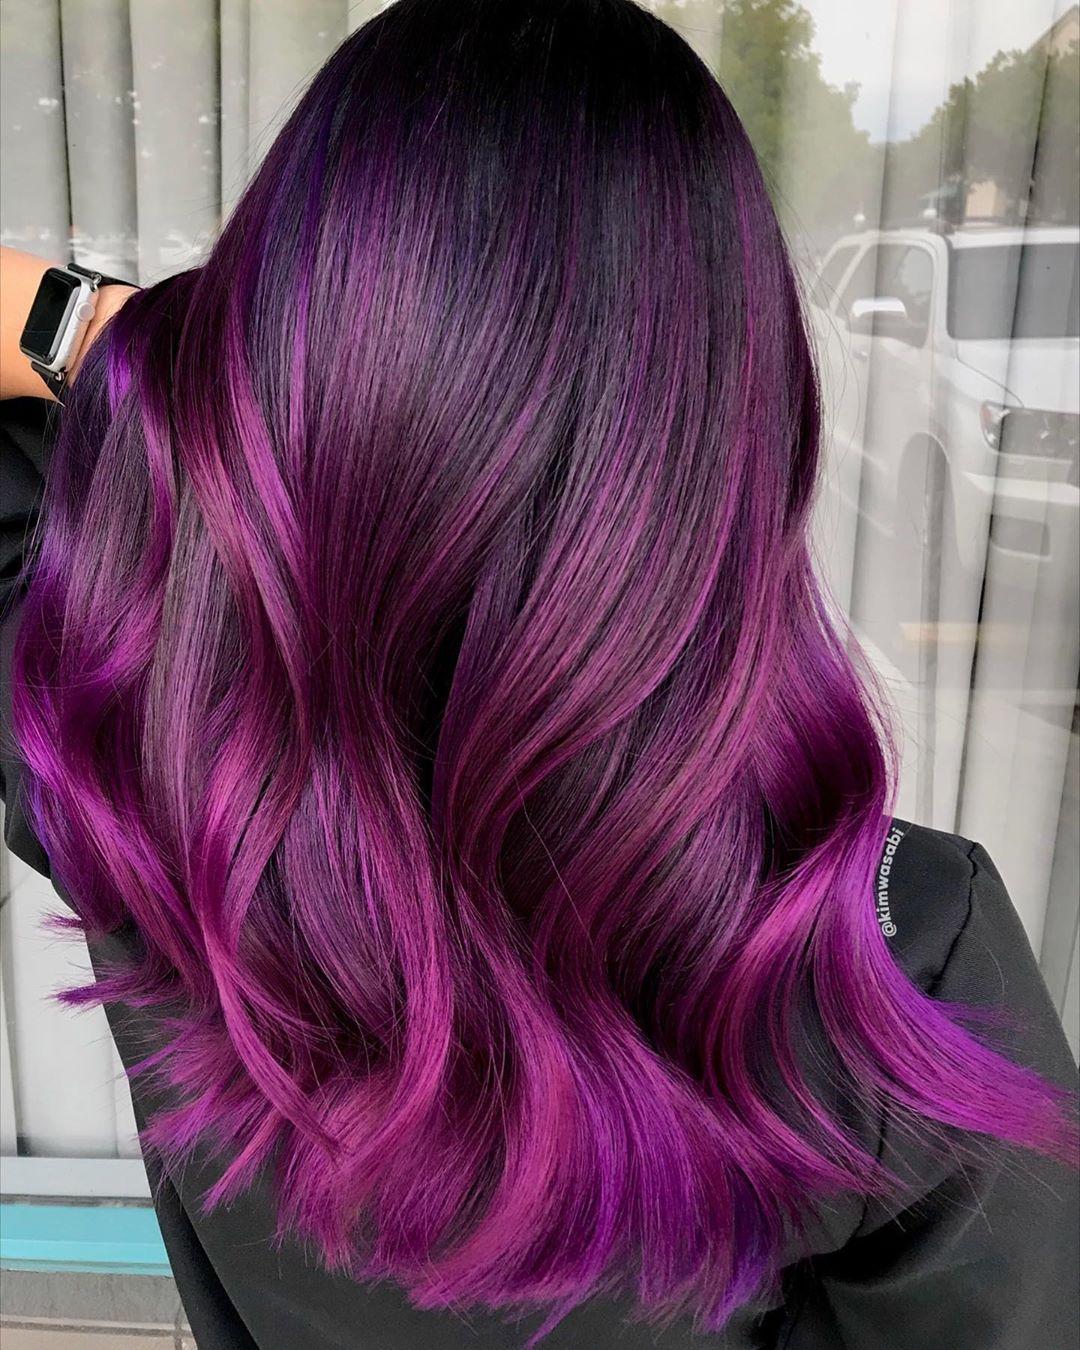 Capelli lunghi con balayage viola ultra luminoso